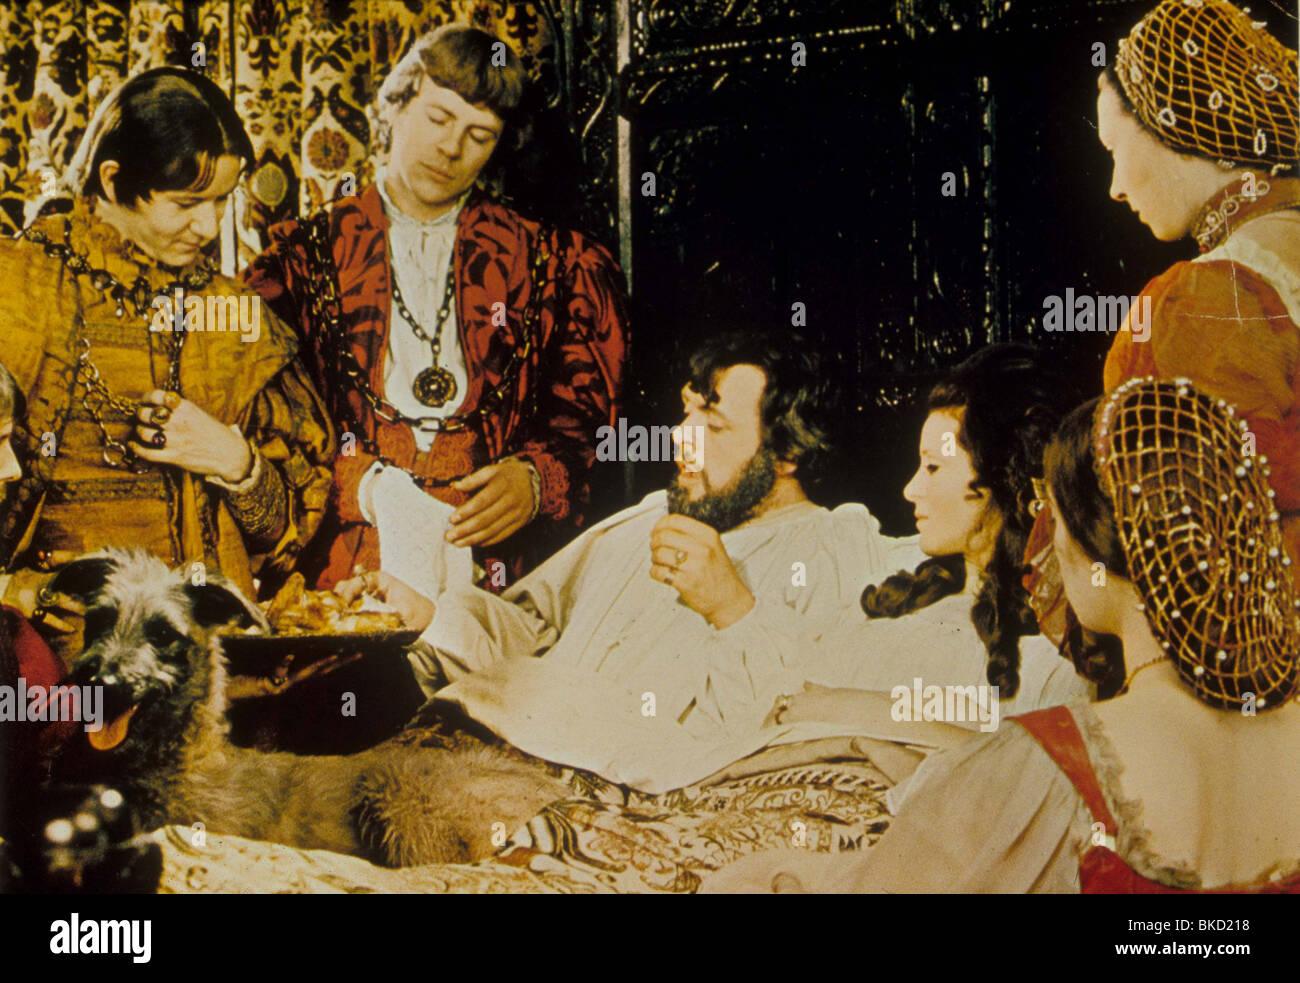 HAMLET -1969 ANTHONY HOPKINS - Stock Image